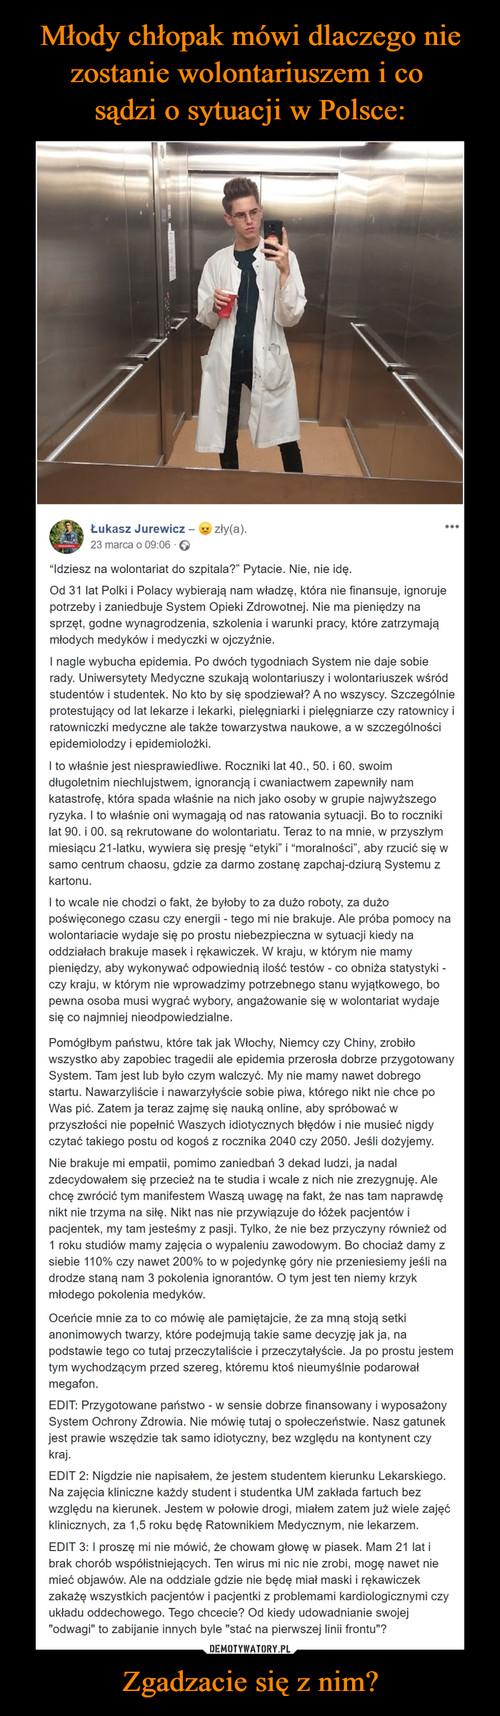 Młody chłopak mówi dlaczego nie zostanie wolontariuszem i co  sądzi o sytuacji w Polsce: Zgadzacie się z nim?